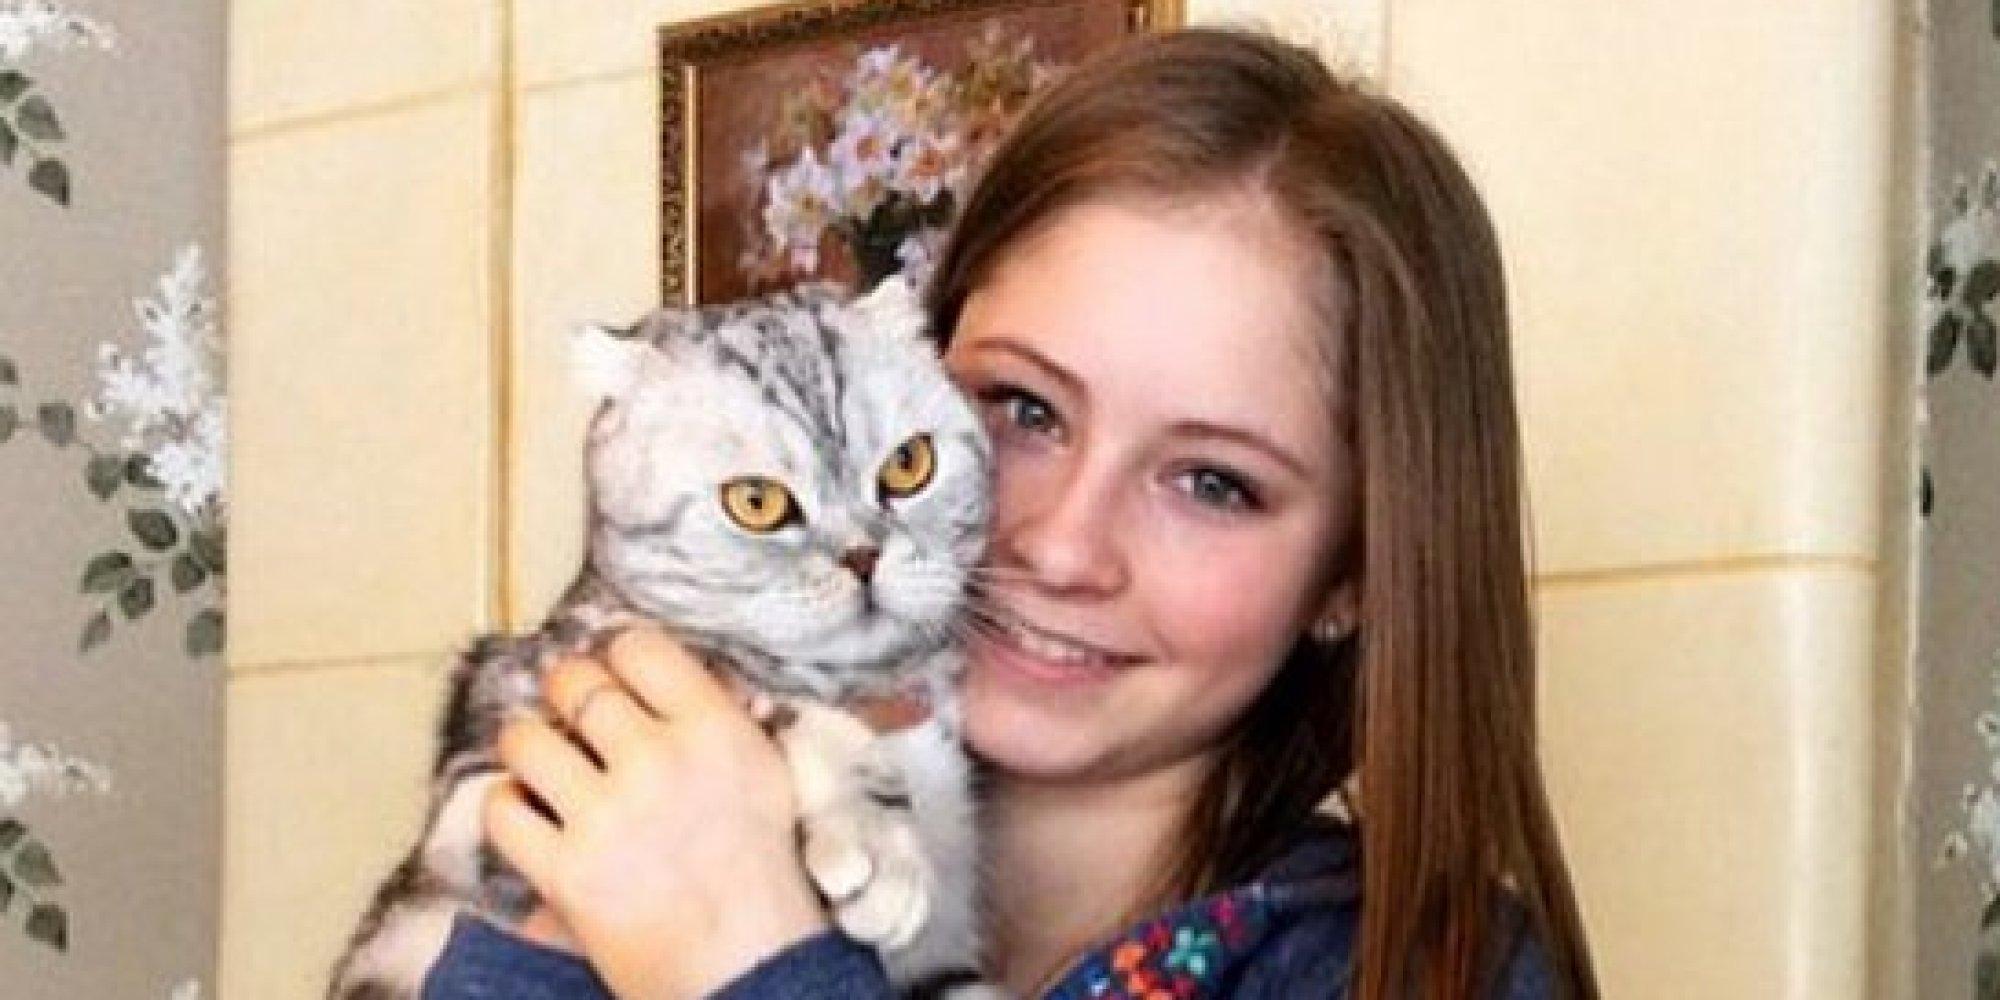 リプニツカヤは猫が好き? リラックスした笑顔のオフショットをInstagramに投稿【画像】